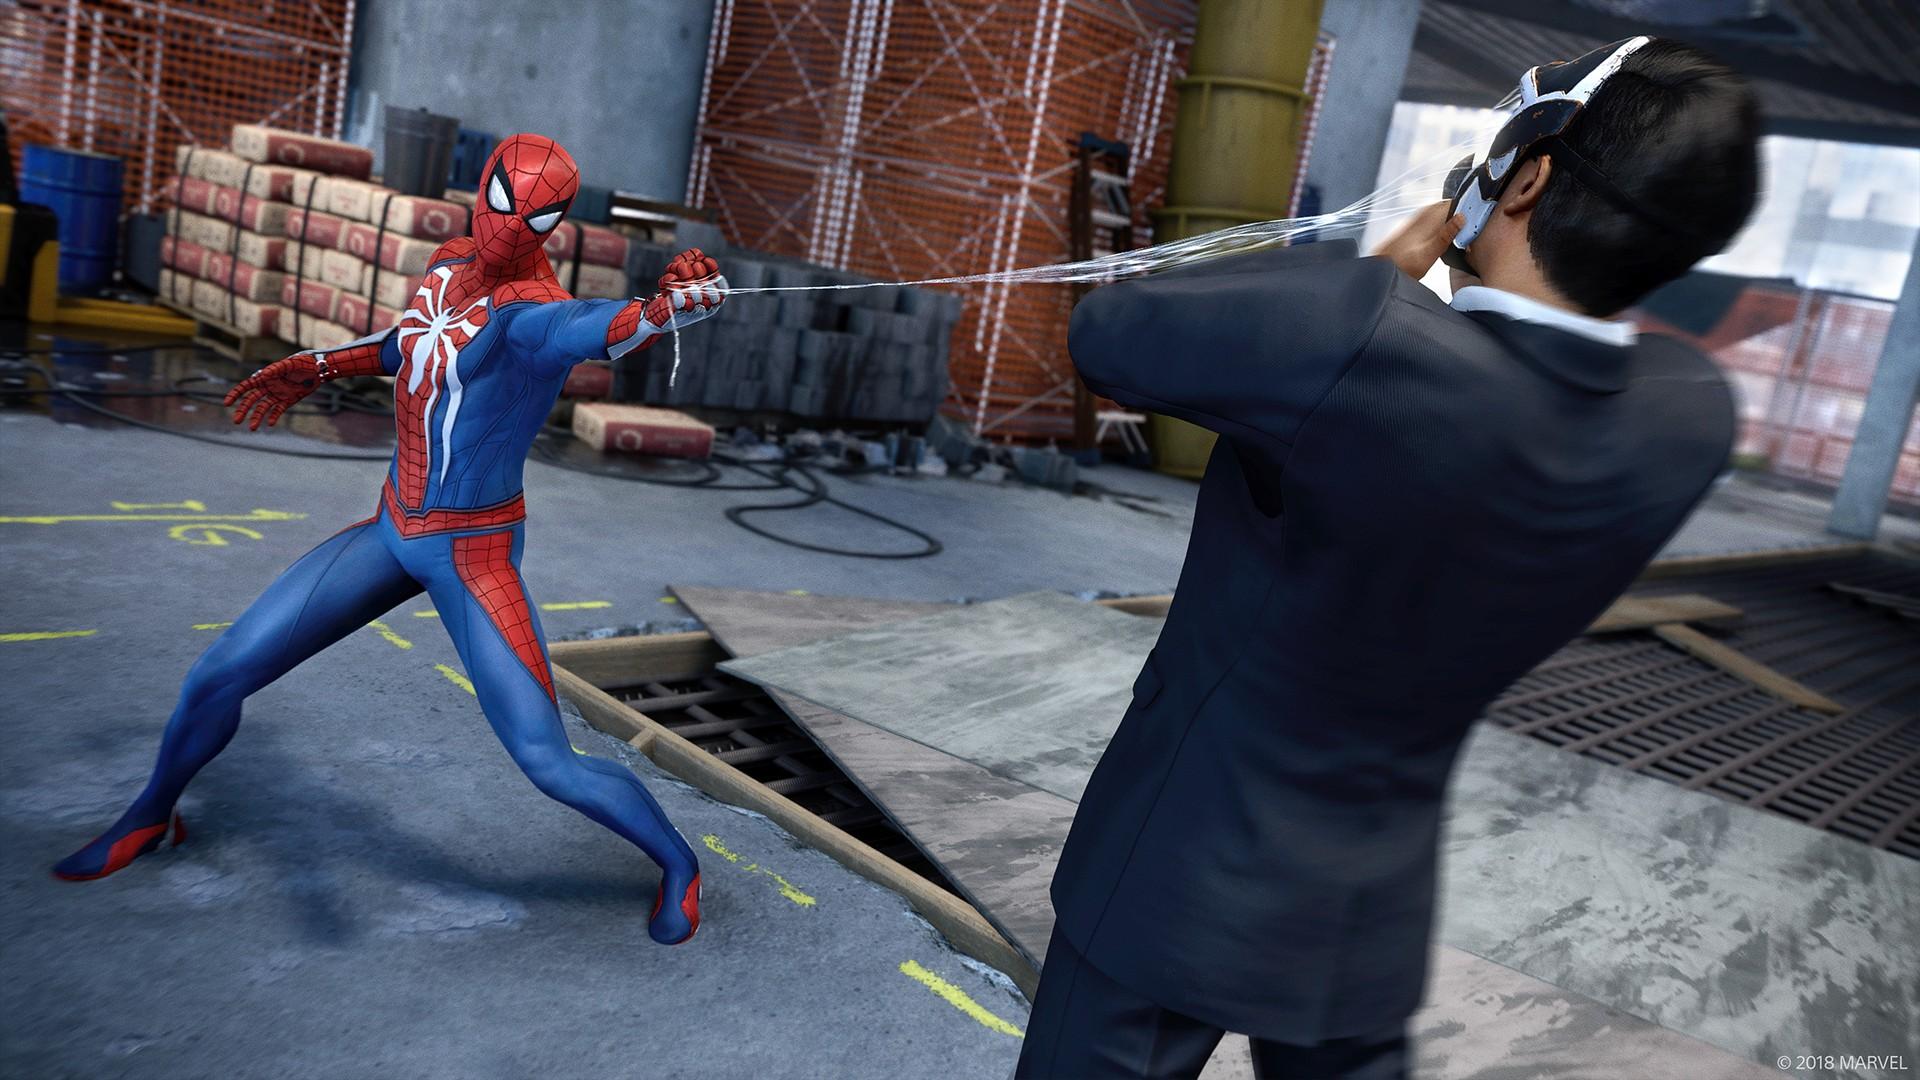 スパイダーマンの画像を拡大する